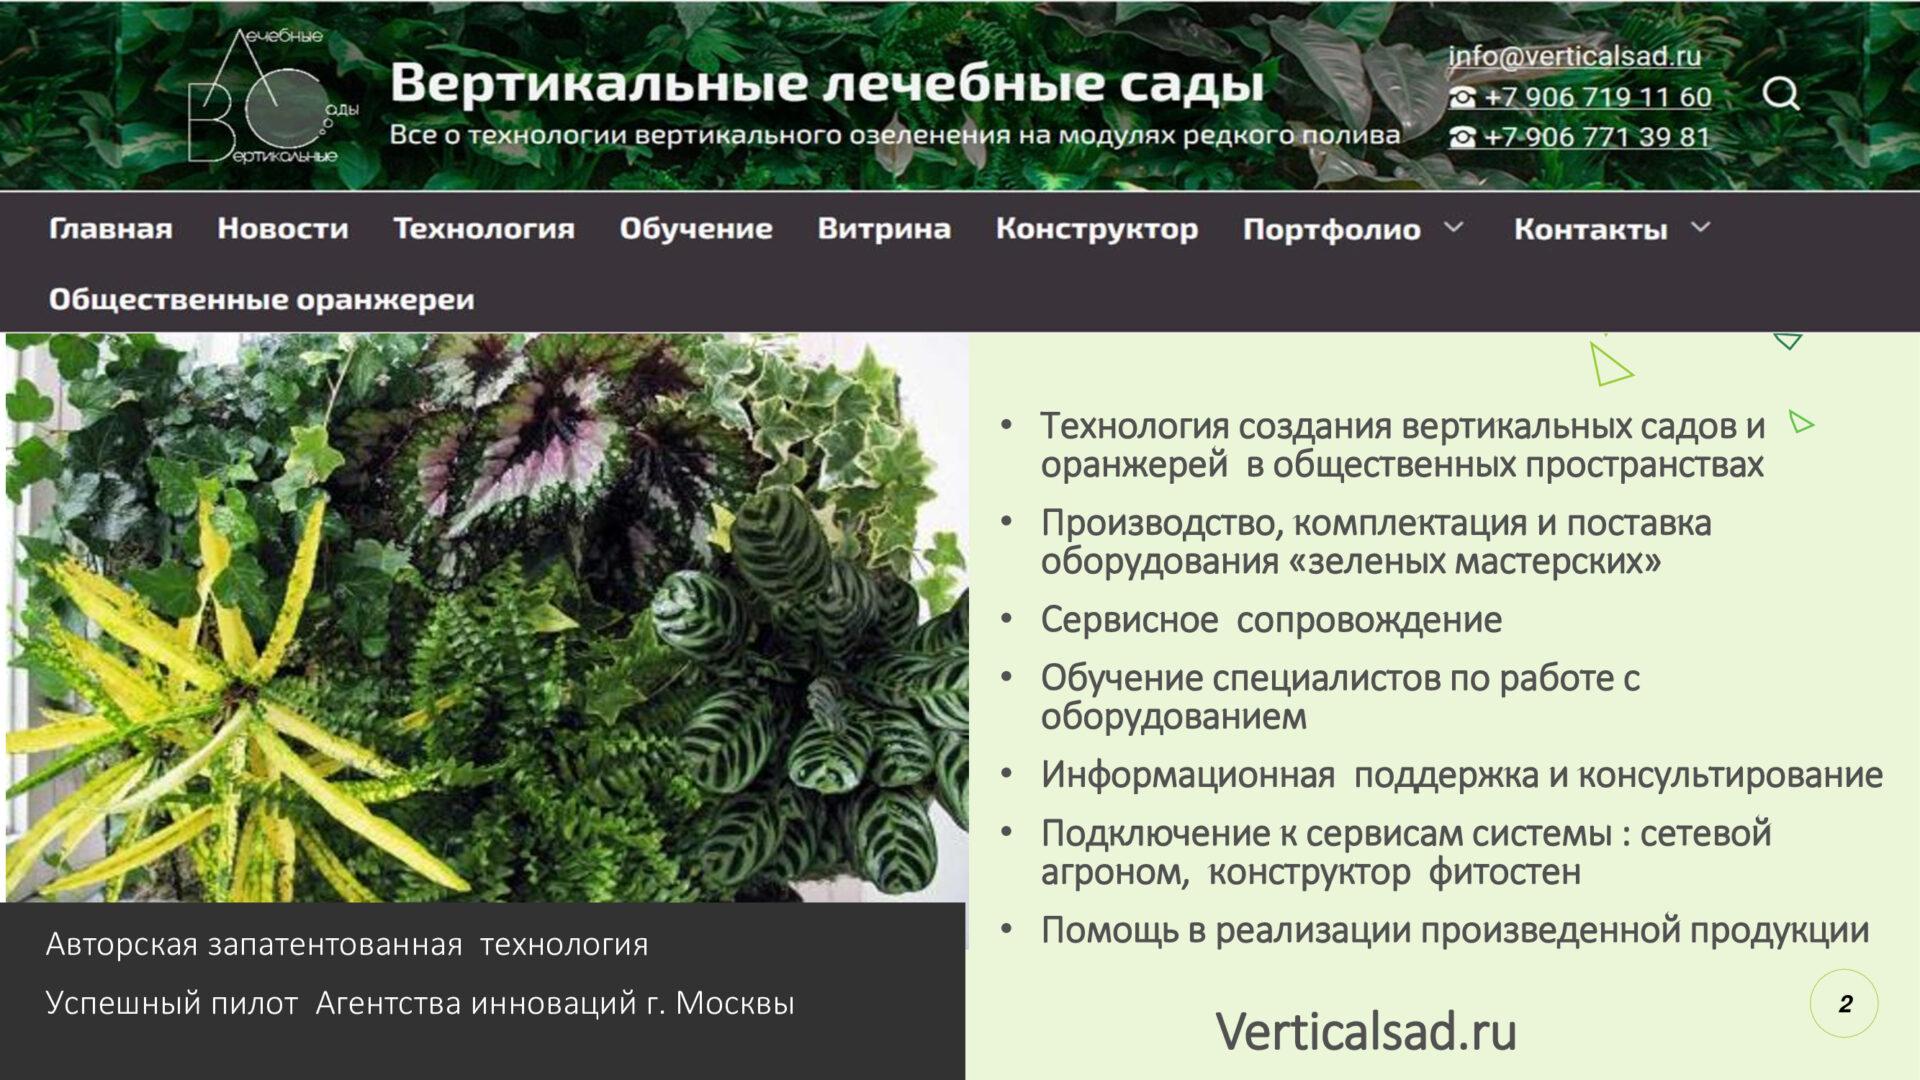 Кейс по созданию вертикальных садов и общественных оранжерей для выращивания декоративных растений